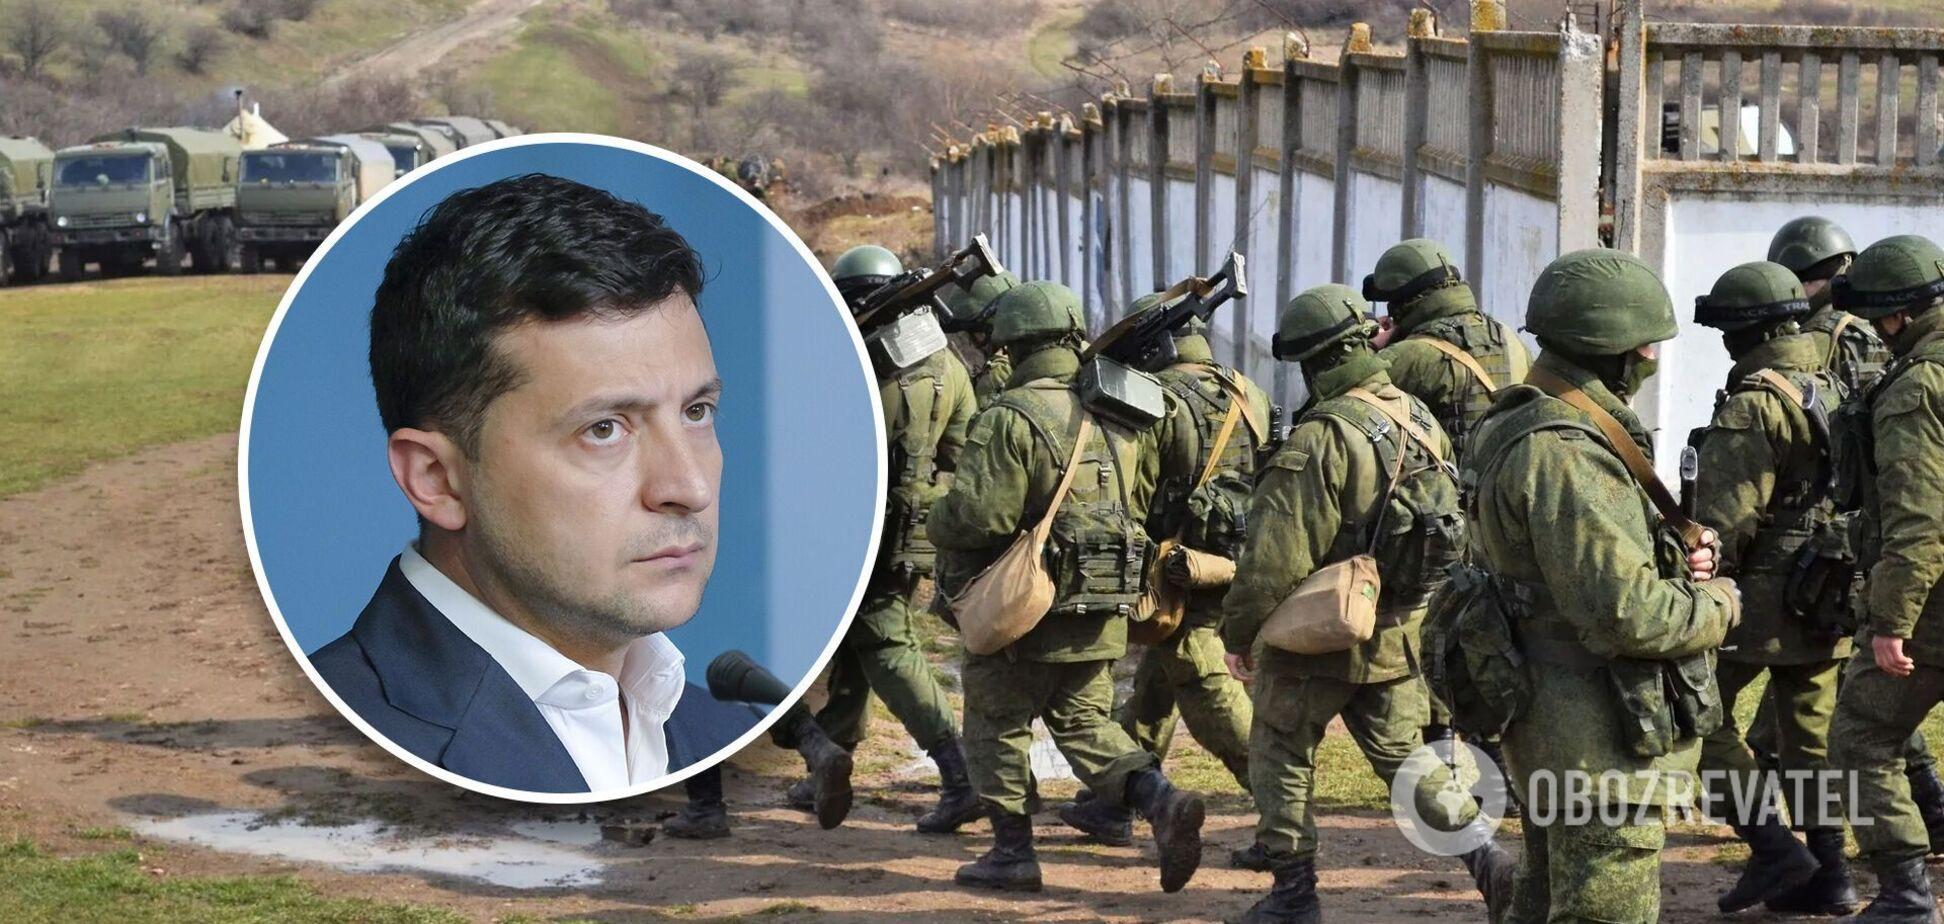 Україна запускає процес щодо повернення Криму: в чому суть плану, який Зеленський запропонував Заходу